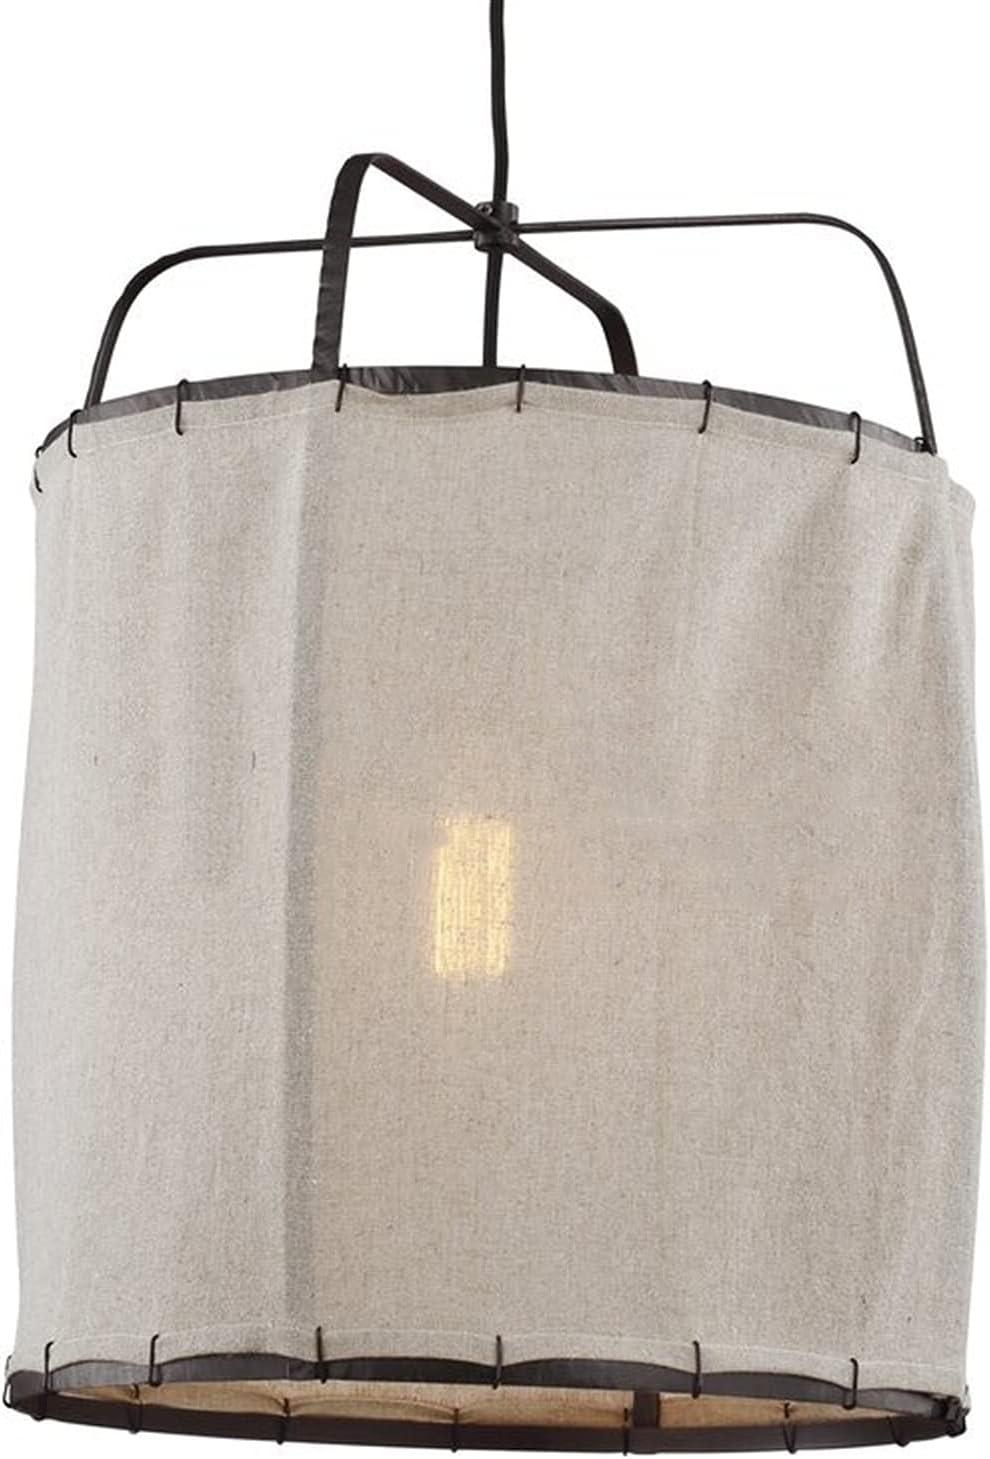 Zenghh Bohemian Turquía araña de aire caliente globo linterna e27 lámpara colgante hierro jaula de hierro tejido tela de tela toscana retro decoración techo colgando luz para la sala de cama de la cam